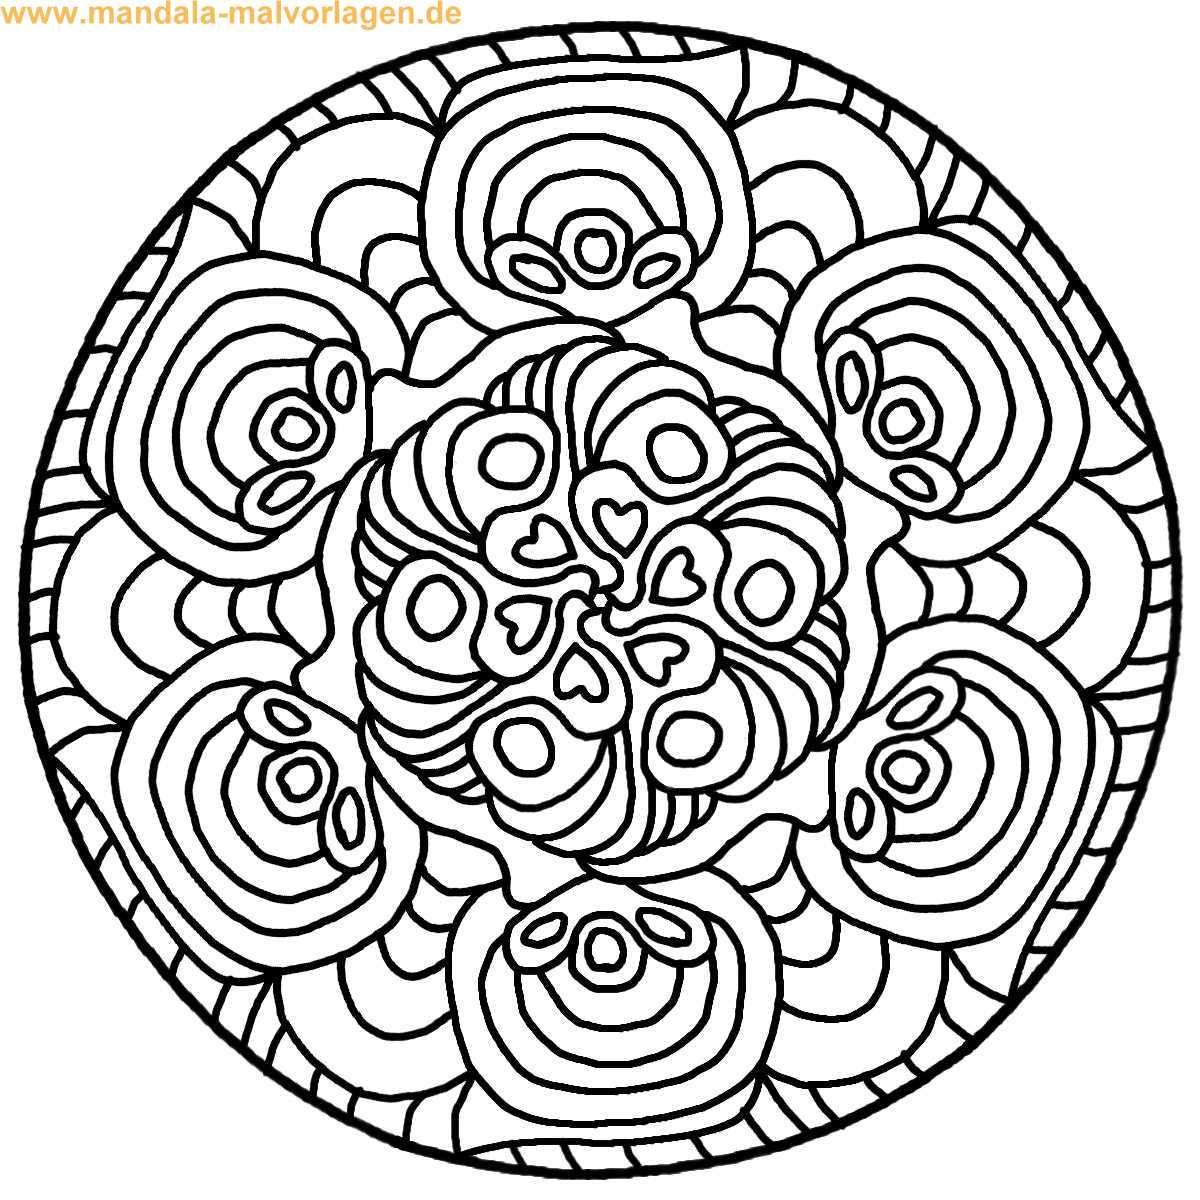 Malvorlagen Mandala  Ausmalbilder mandala vorlagen kostenlos Malvorlagen zum